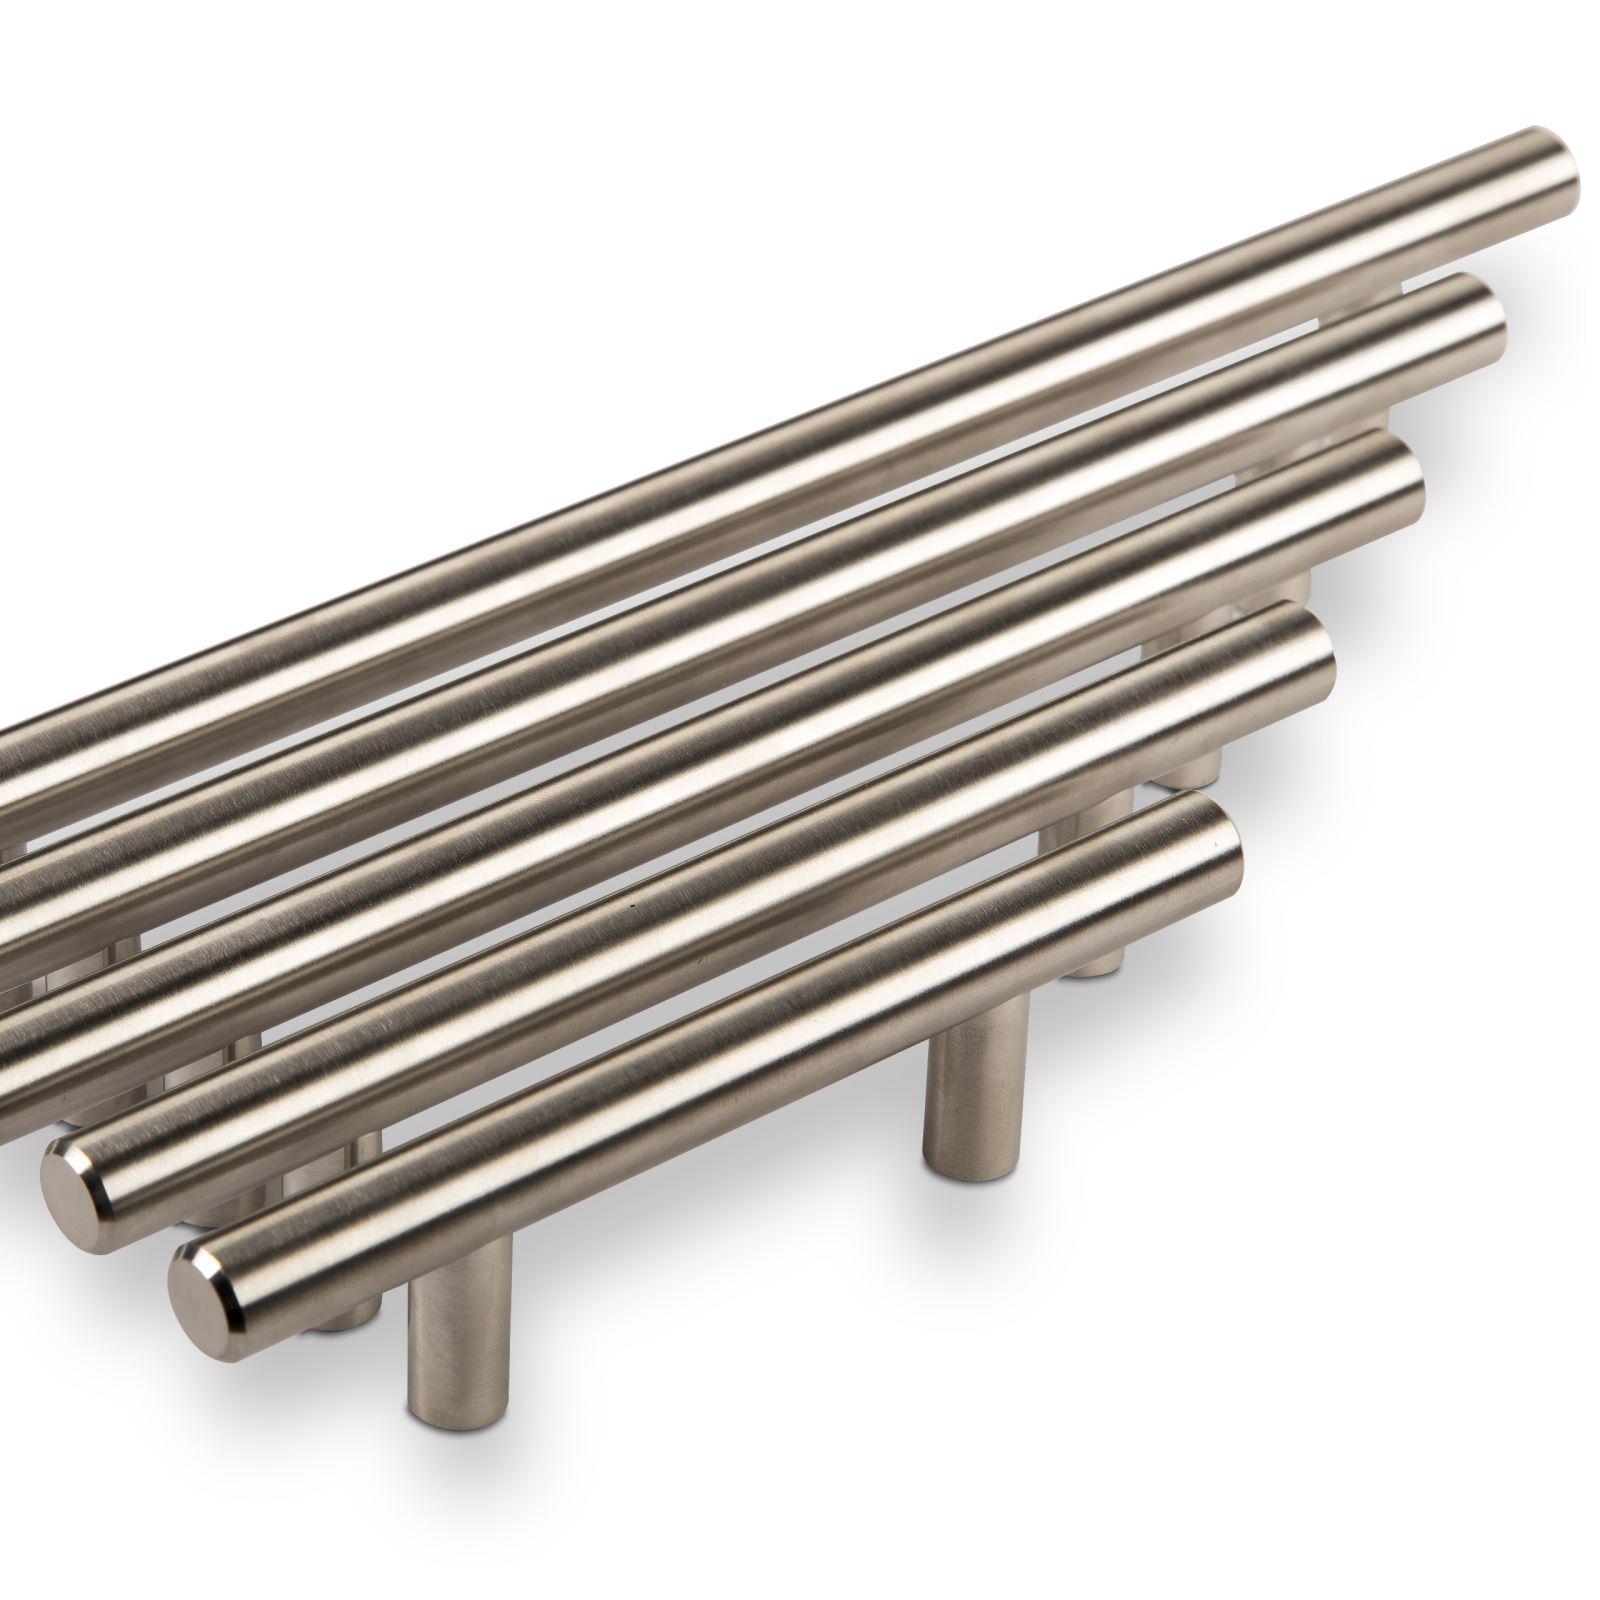 m belgriff g6 ba 64 672 mm edelstahl geb rstet mit gefasten enden von so tech so. Black Bedroom Furniture Sets. Home Design Ideas